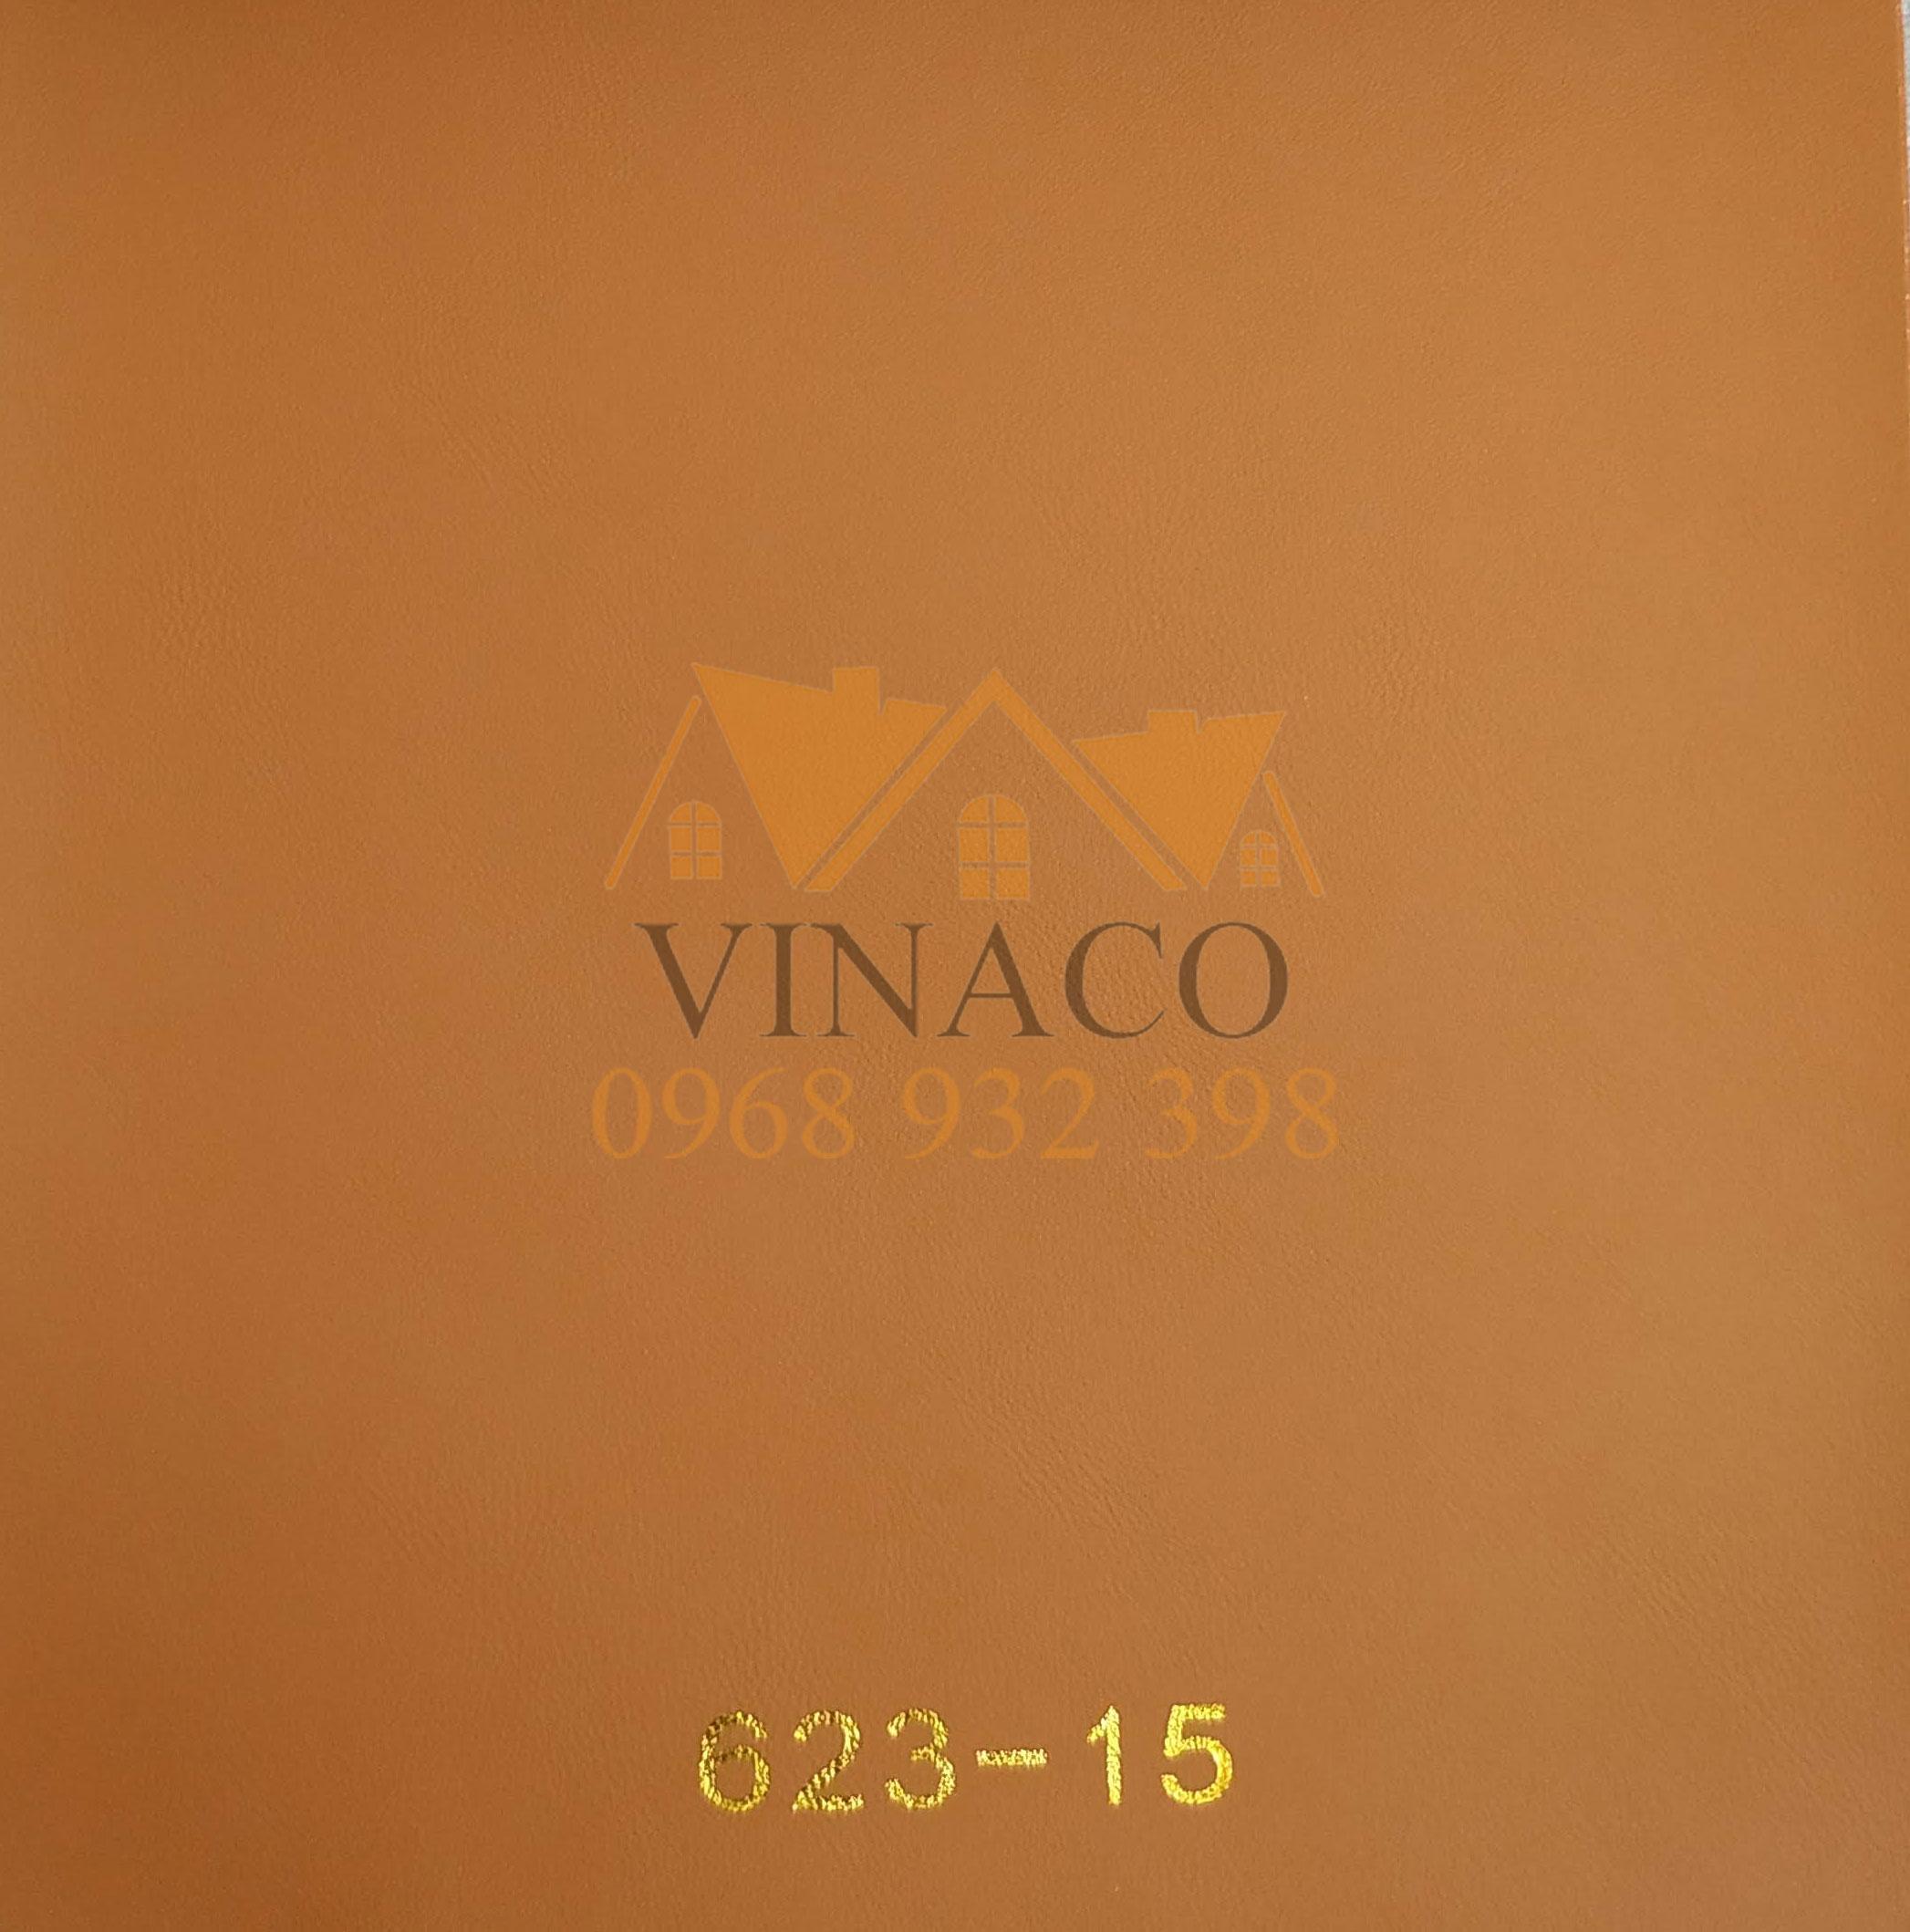 Vinaco bán da ghế sofa với giả tốt nhất trên thị trường